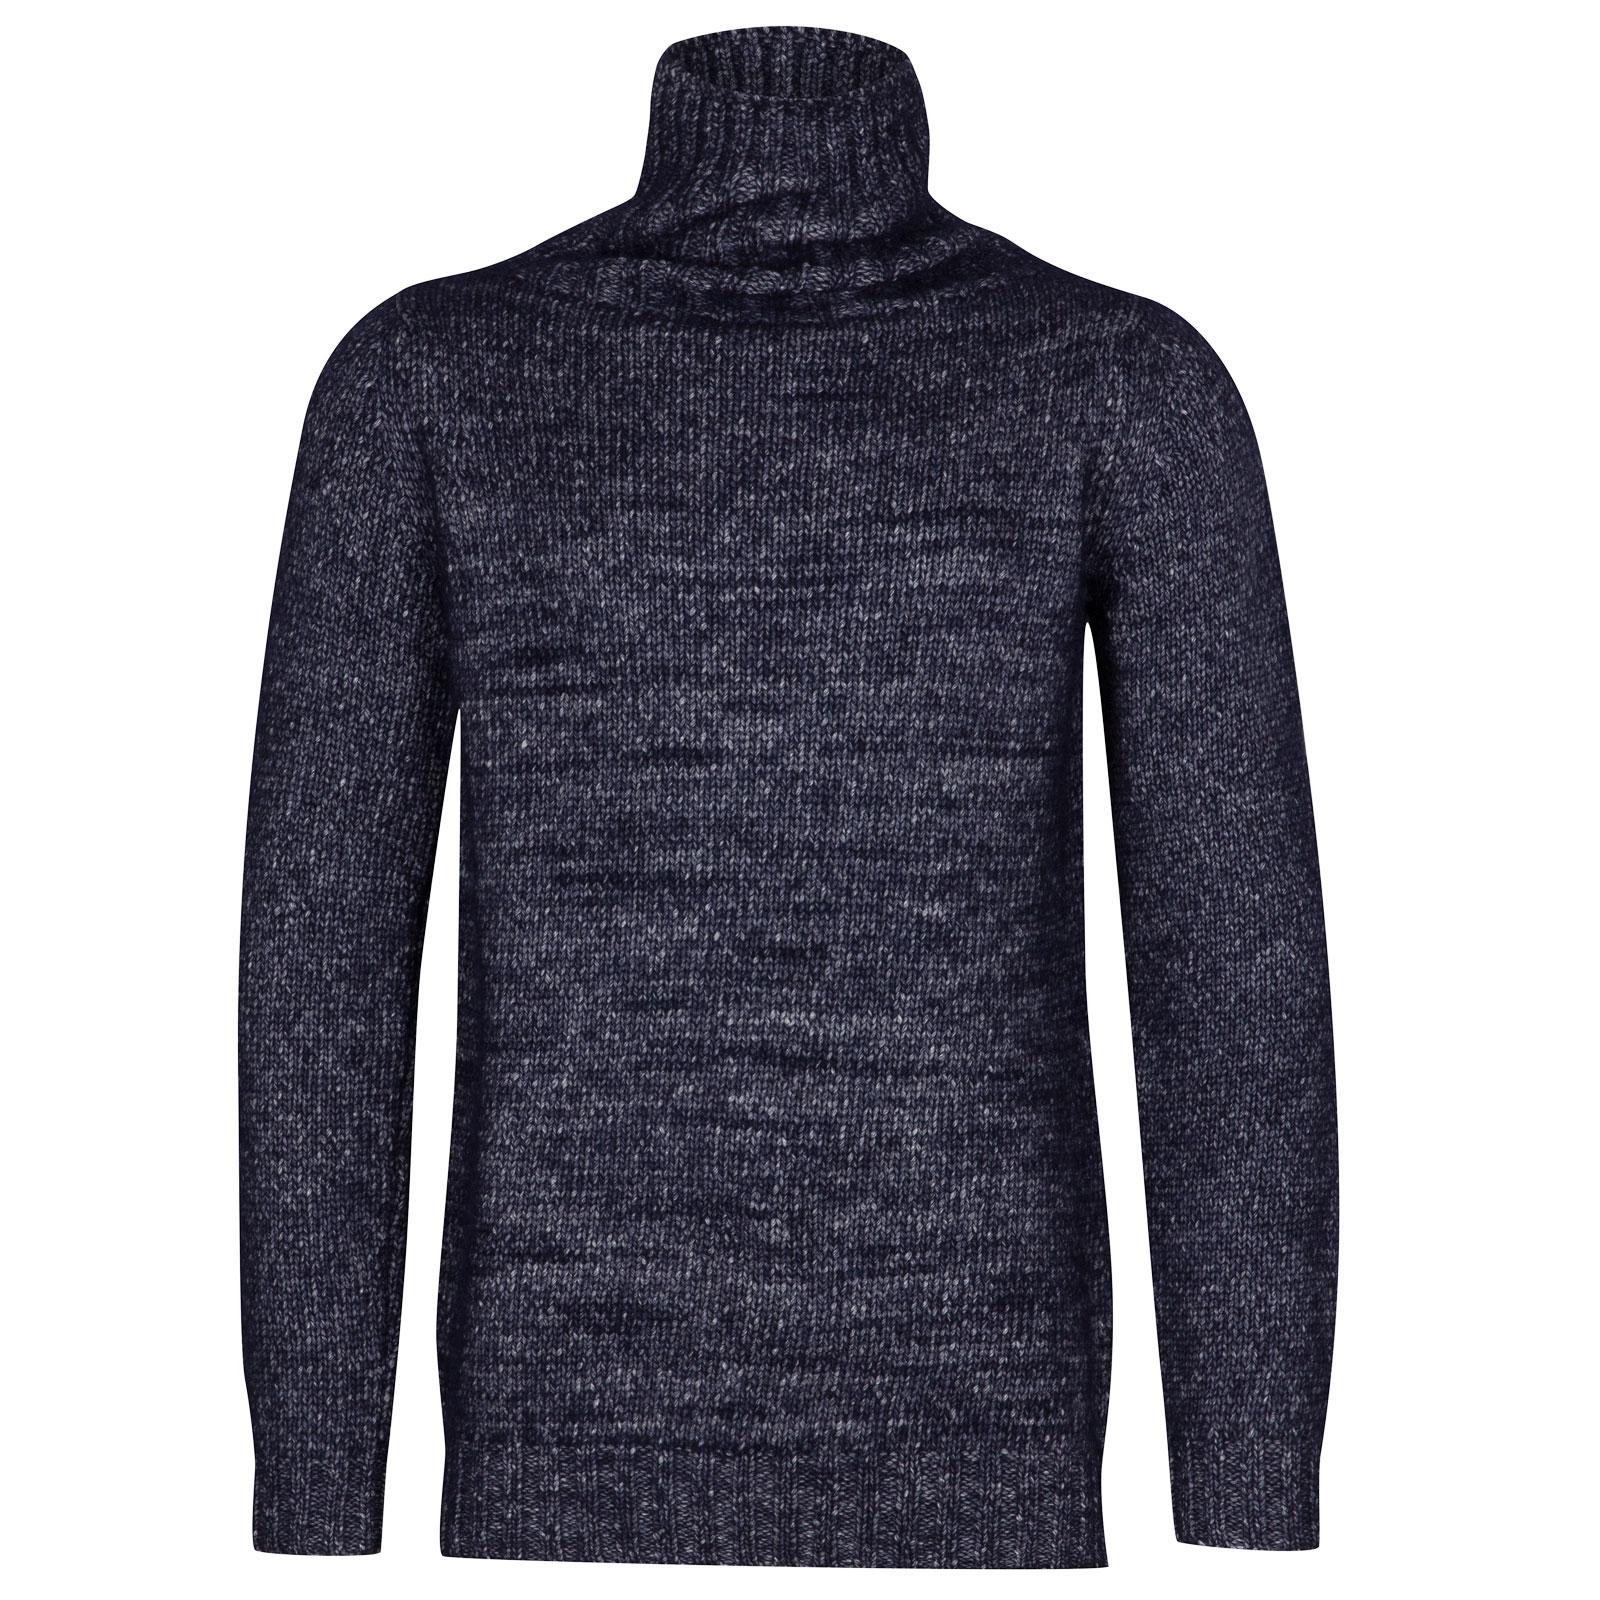 John Smedley kilbreck Alpaca, Wool & Cotton Pullover in Midnight-XL